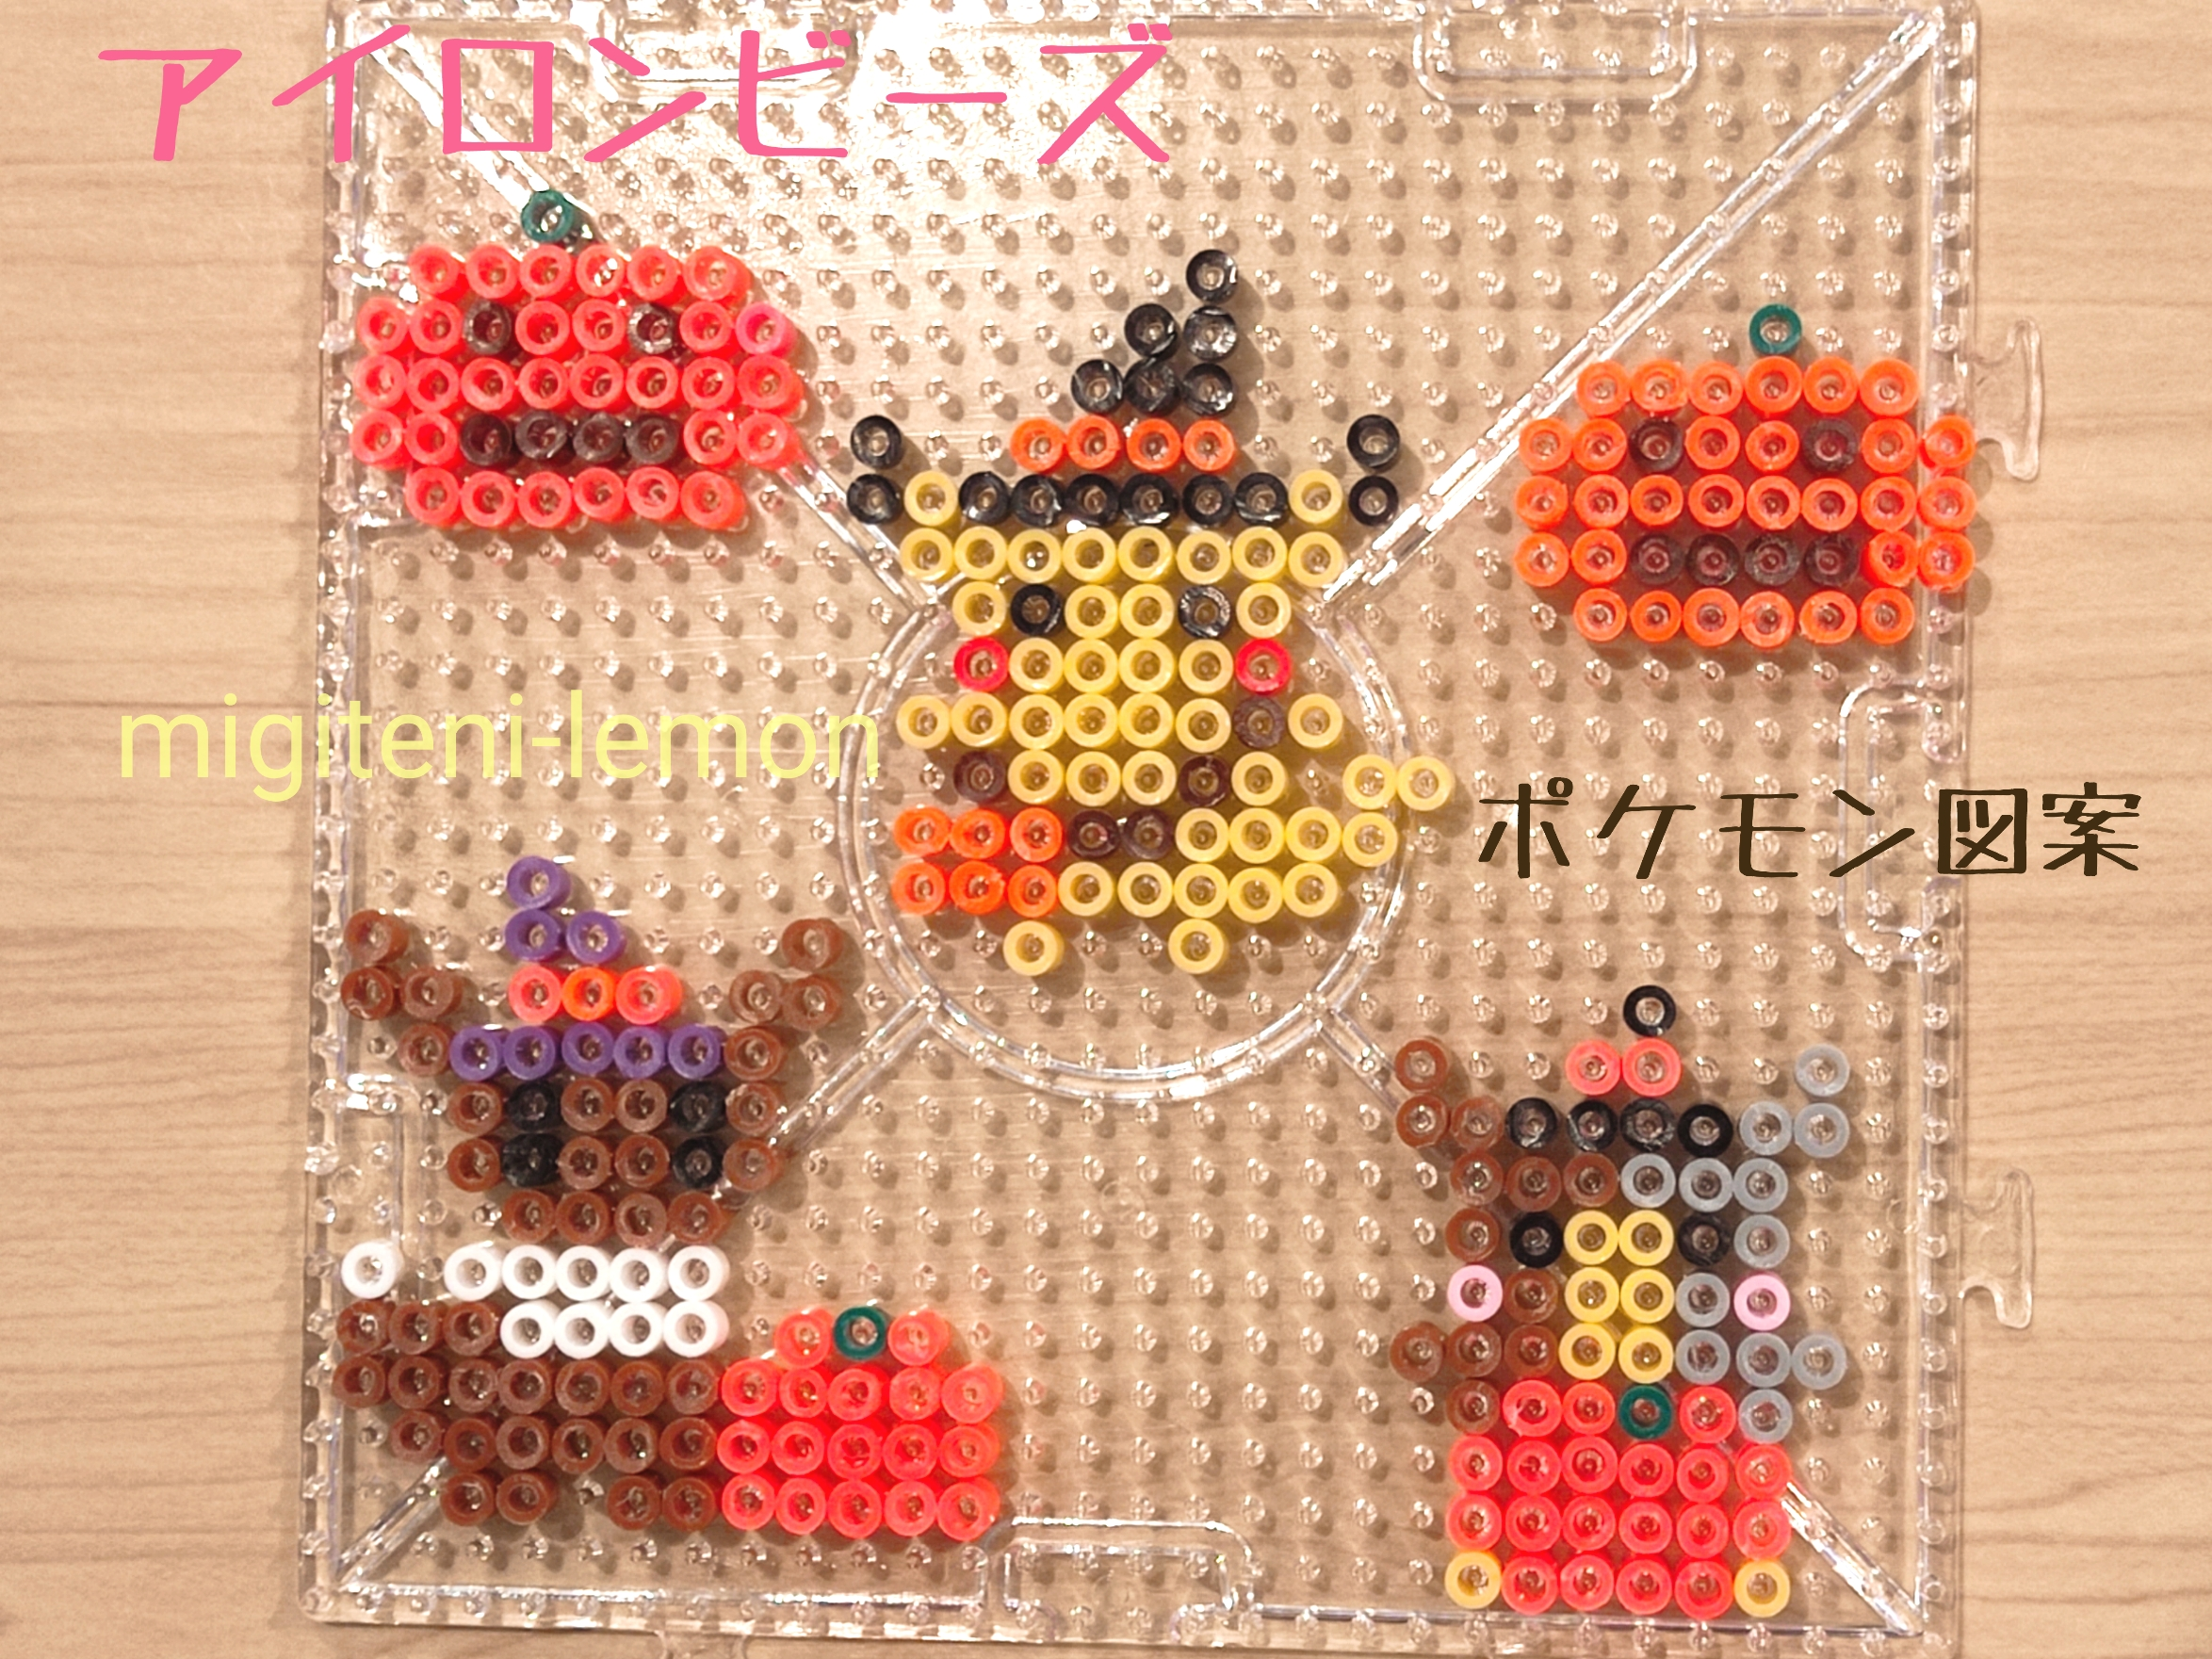 kawaii-ironbeads-pokemon-halloween2020